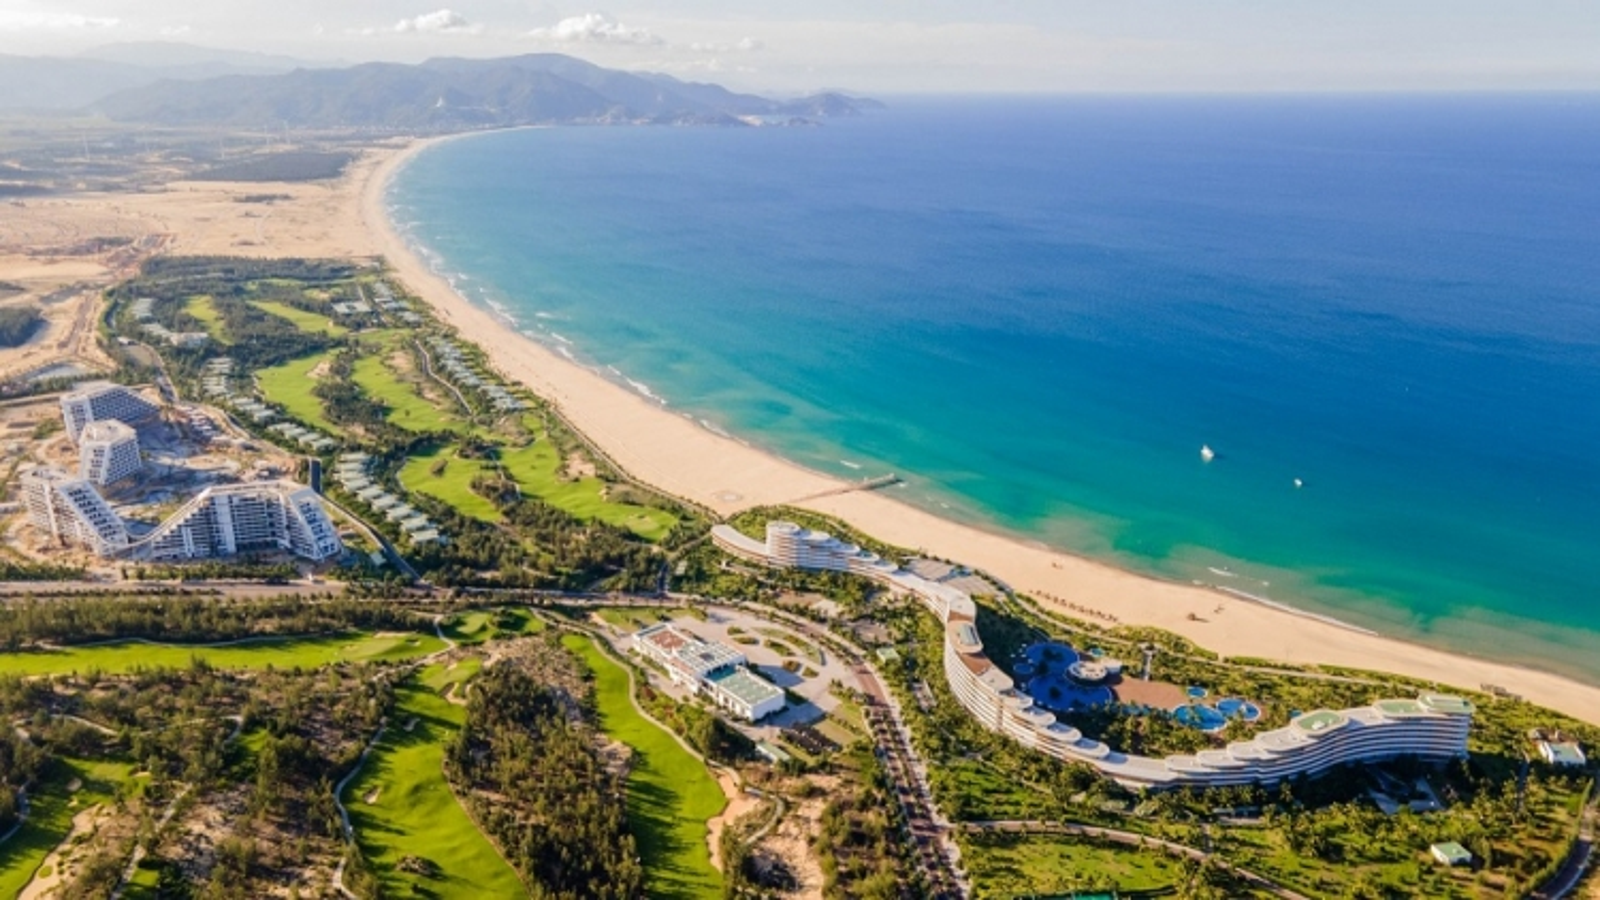 Tập đoàn FLC chuẩn bị khánh thành khách sạn lớn nhất Việt Nam tại Quy Nhơn